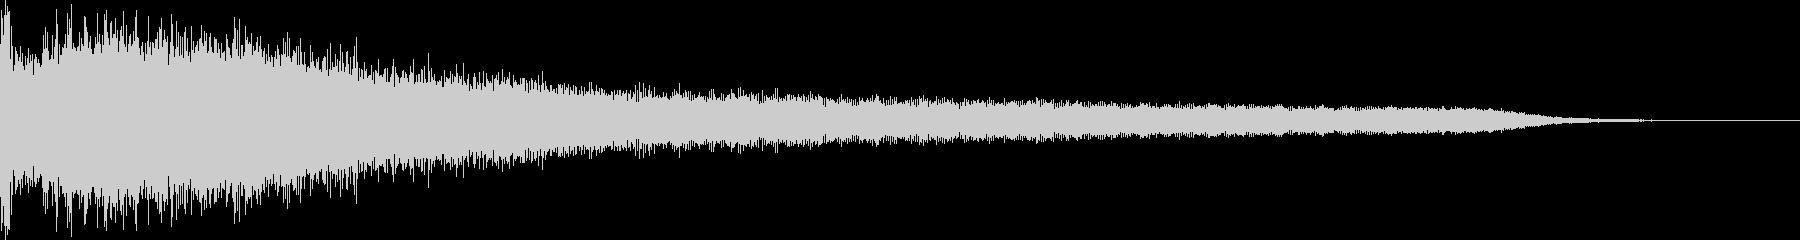 カジノスロット定番トップシンボル音7の未再生の波形